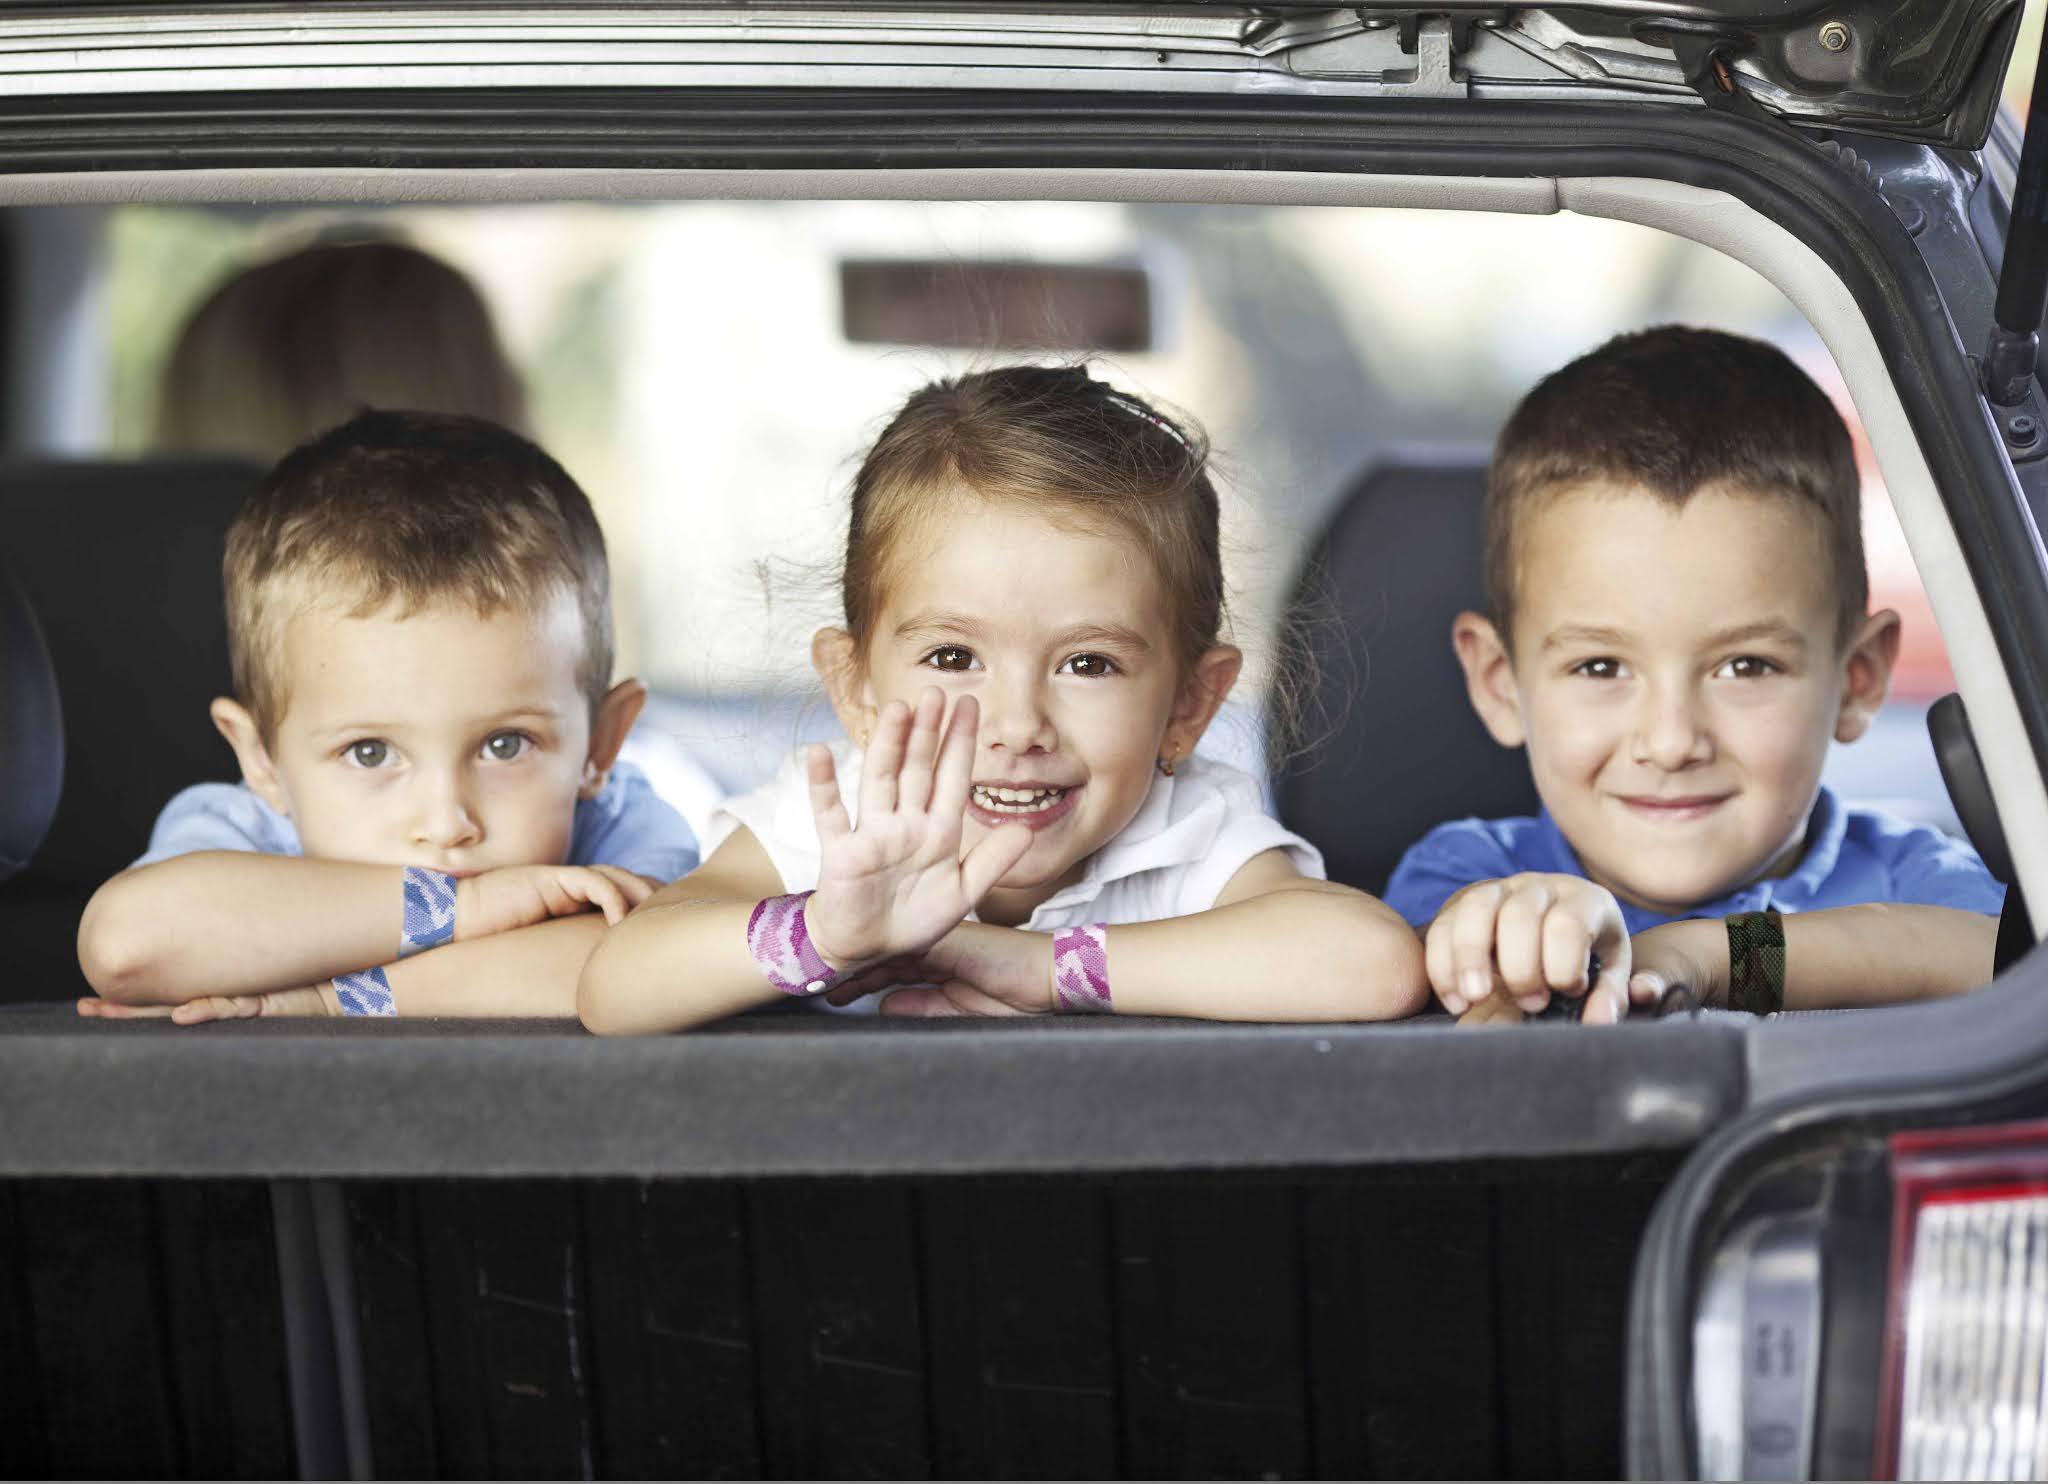 Opaski Sea-band- nowe naturalne rozwiązanie na chorobę lokomocyjną u dzieci